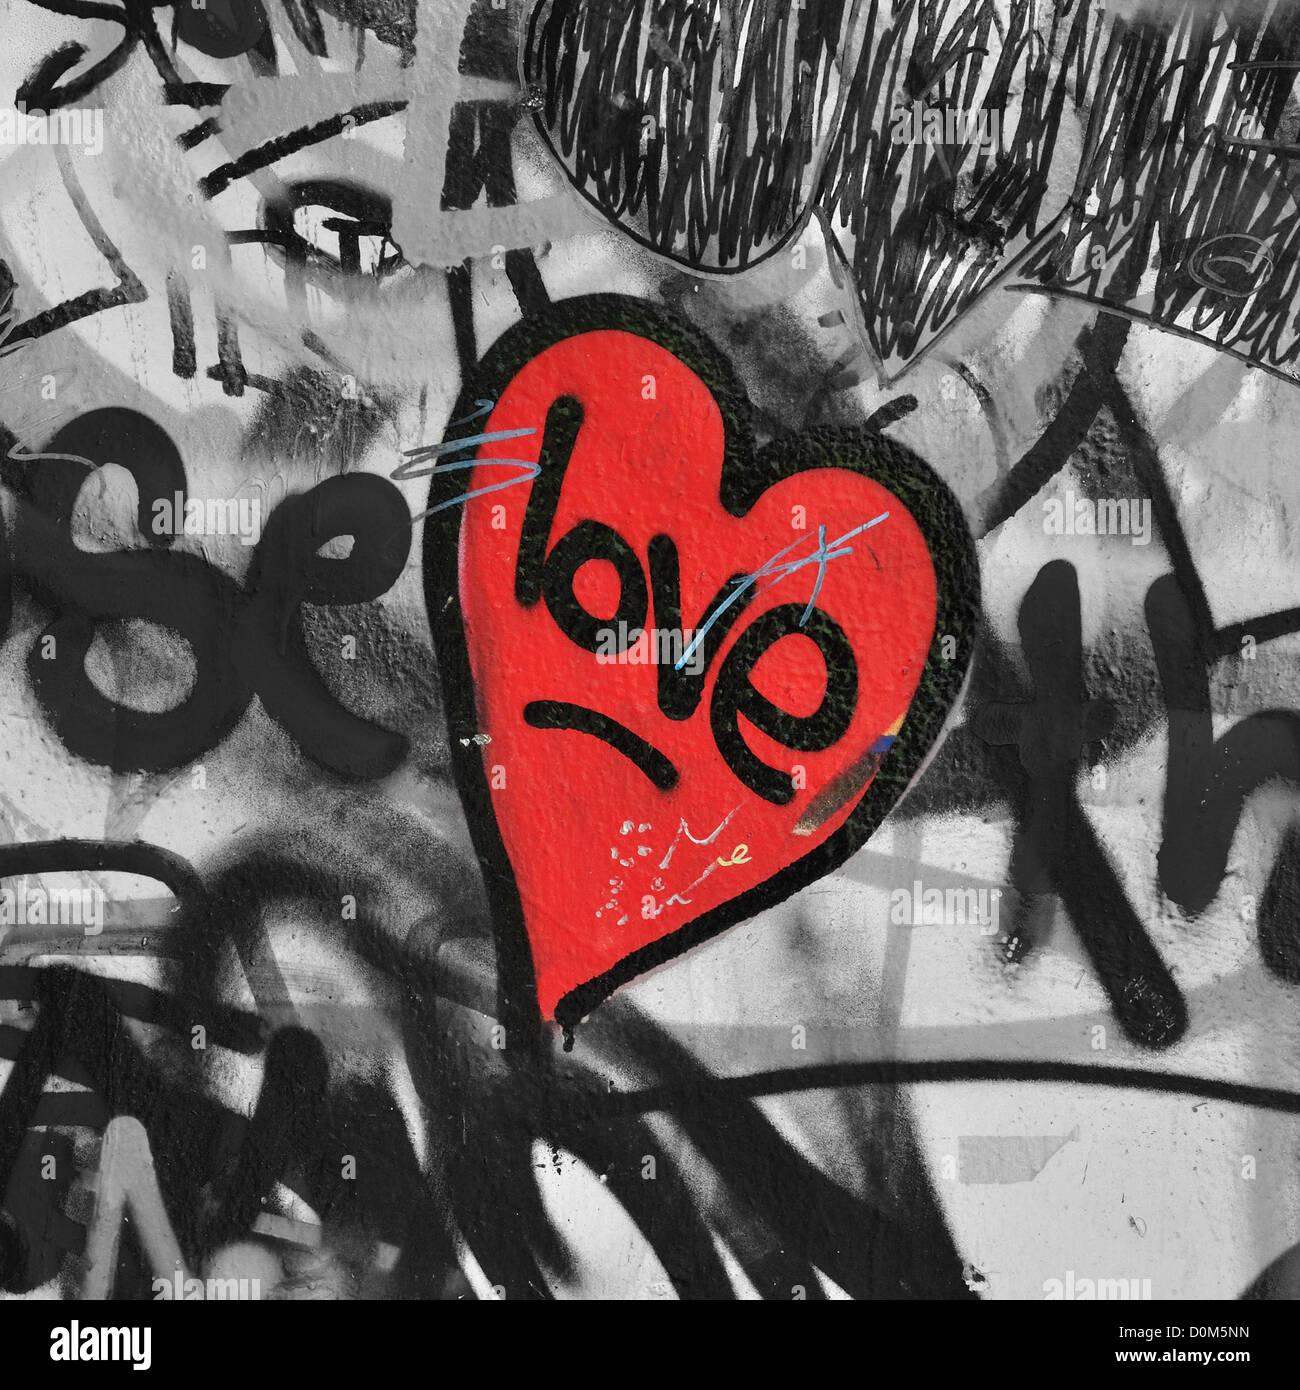 Dipinto di rosso amore il cuore coperto di graffiti in bianco e nero di sfondo a parete. Saturazione selettiva. Immagini Stock